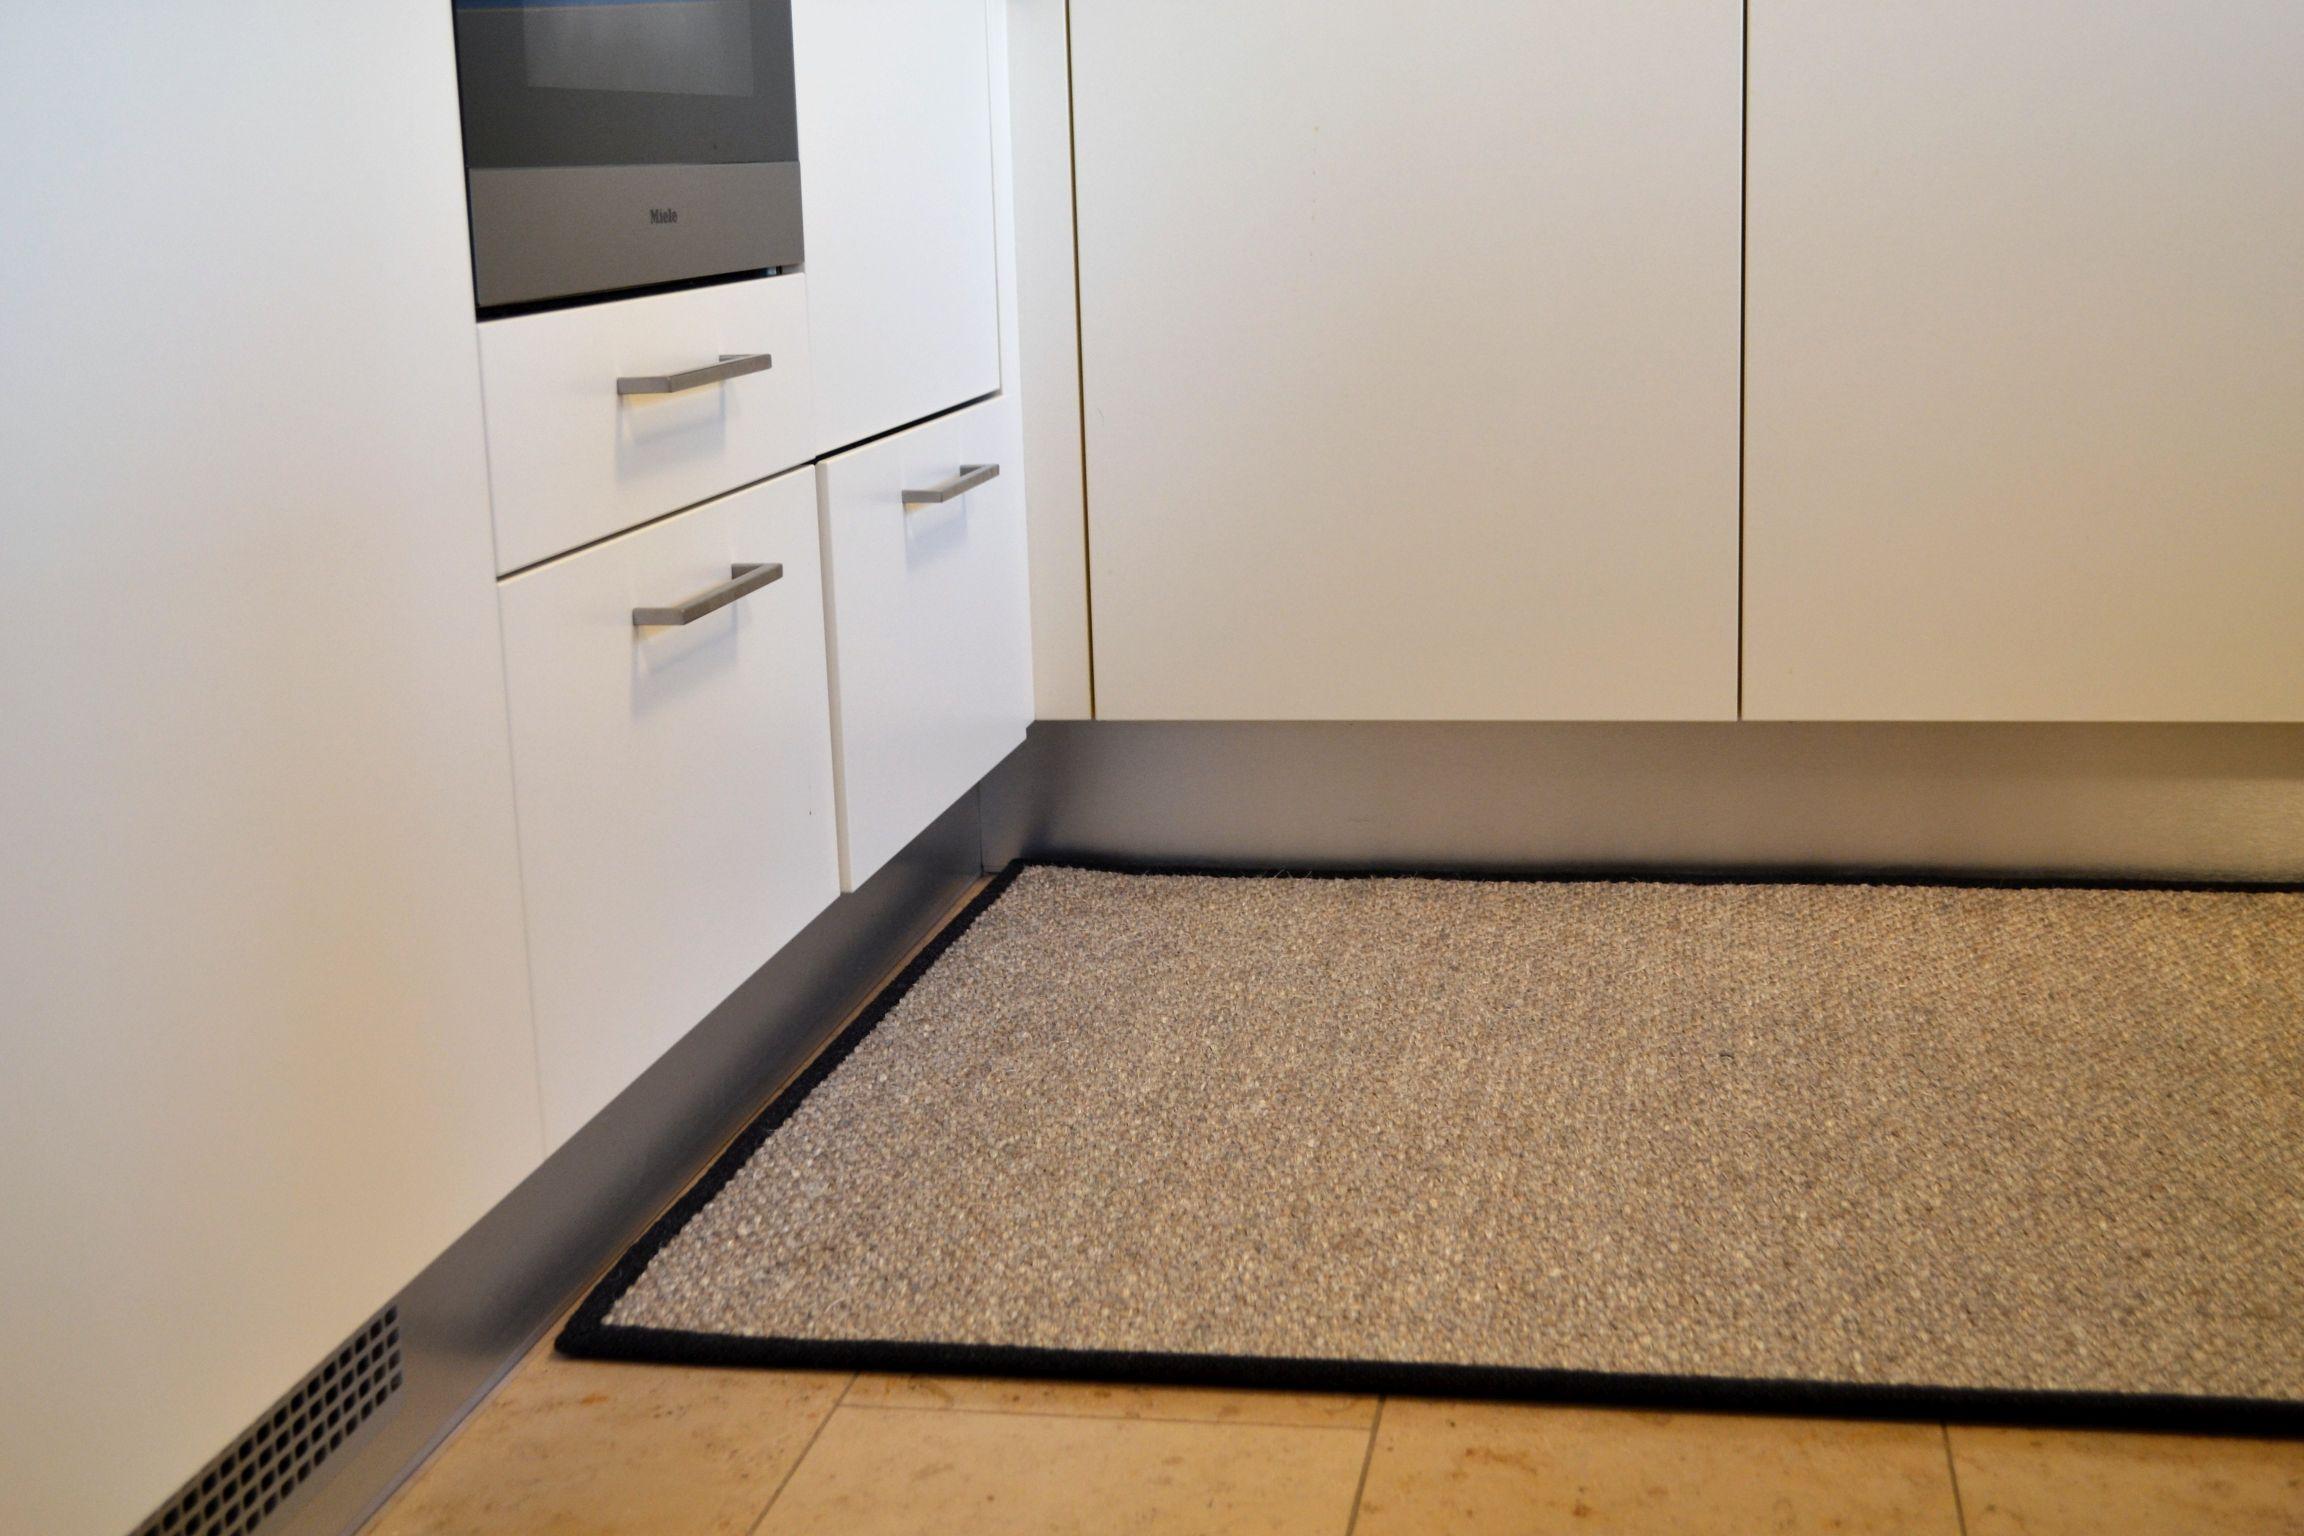 Full Size of Teppich Für Küche Sisalteppich Kueche Gembinski Teppiche Armaturen Edelstahlküche Anrichte Körbe Badezimmer Spielgeräte Den Garten Salamander Gardinen Die Küche Teppich Für Küche